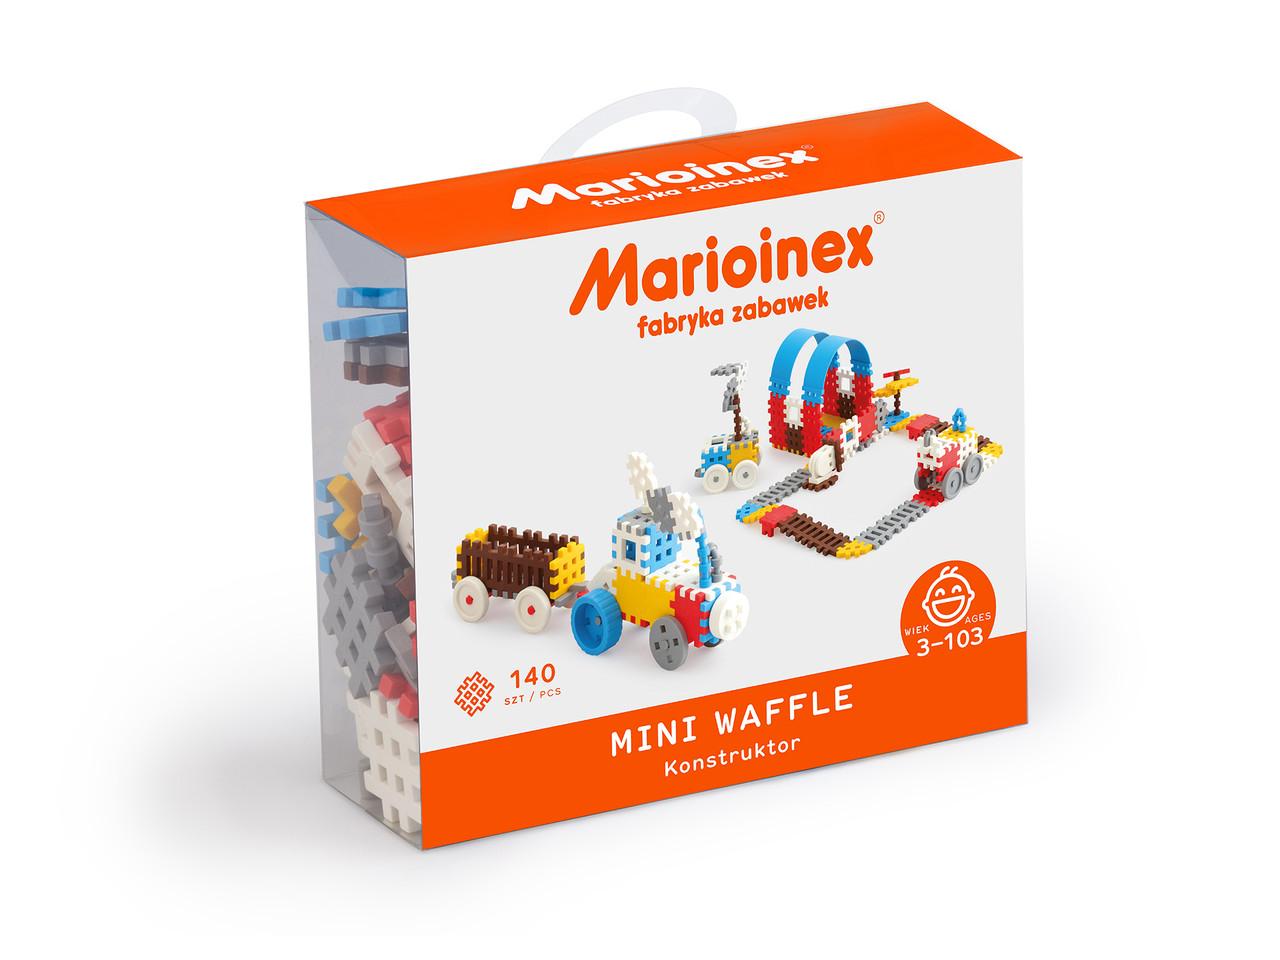 Мини вафли, конструктор для мальчиков Marioinex